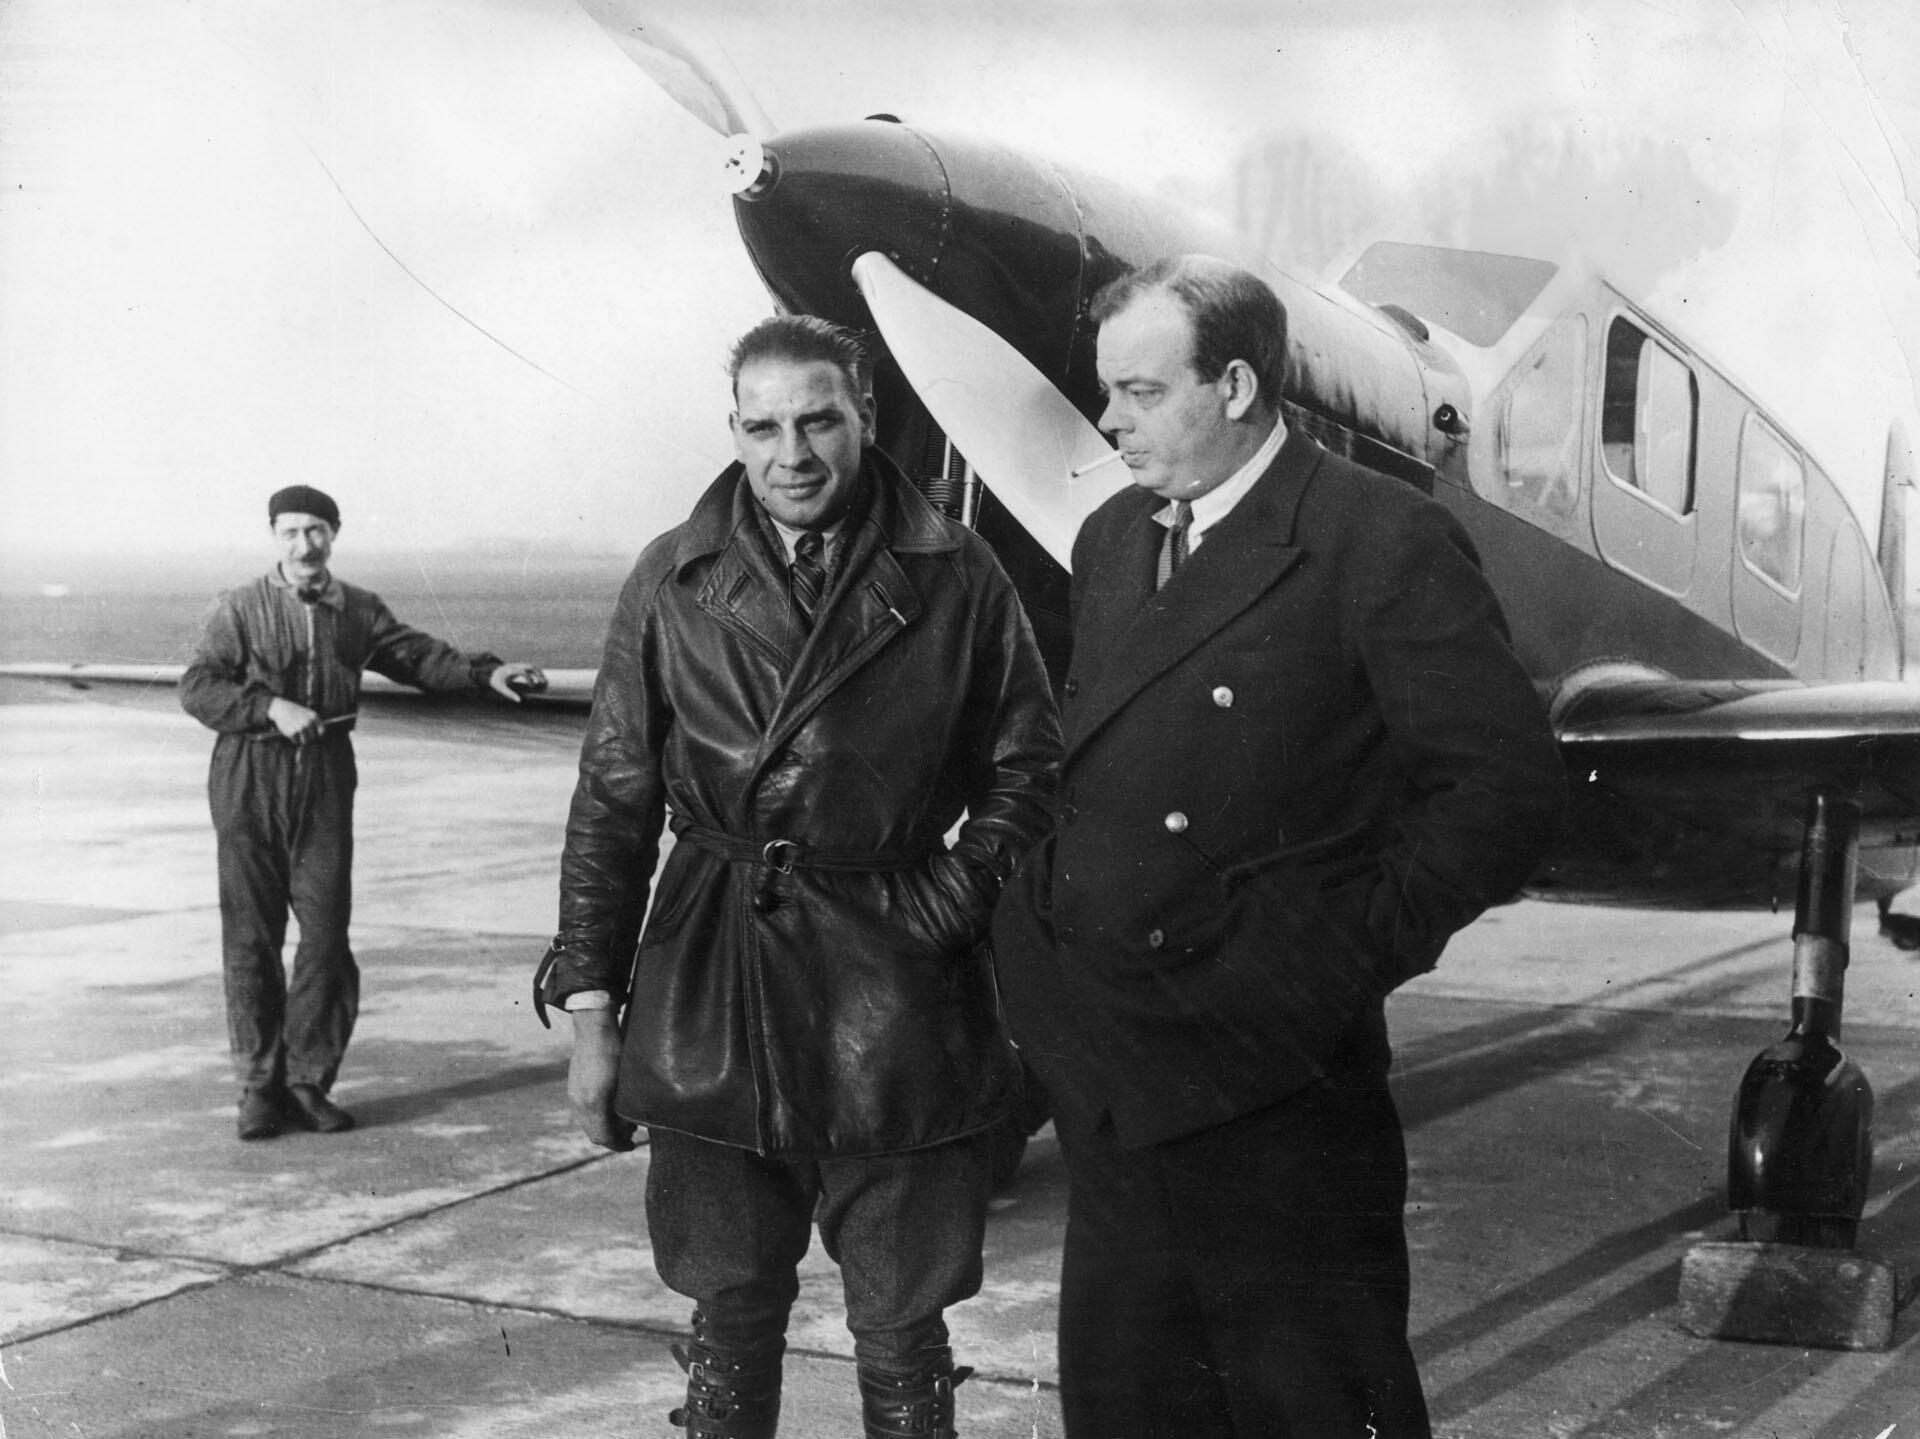 Le romancier et aviateur français Antoine de Saint-Exupéry (1900-1944) avec son mécanicien André Prevot.